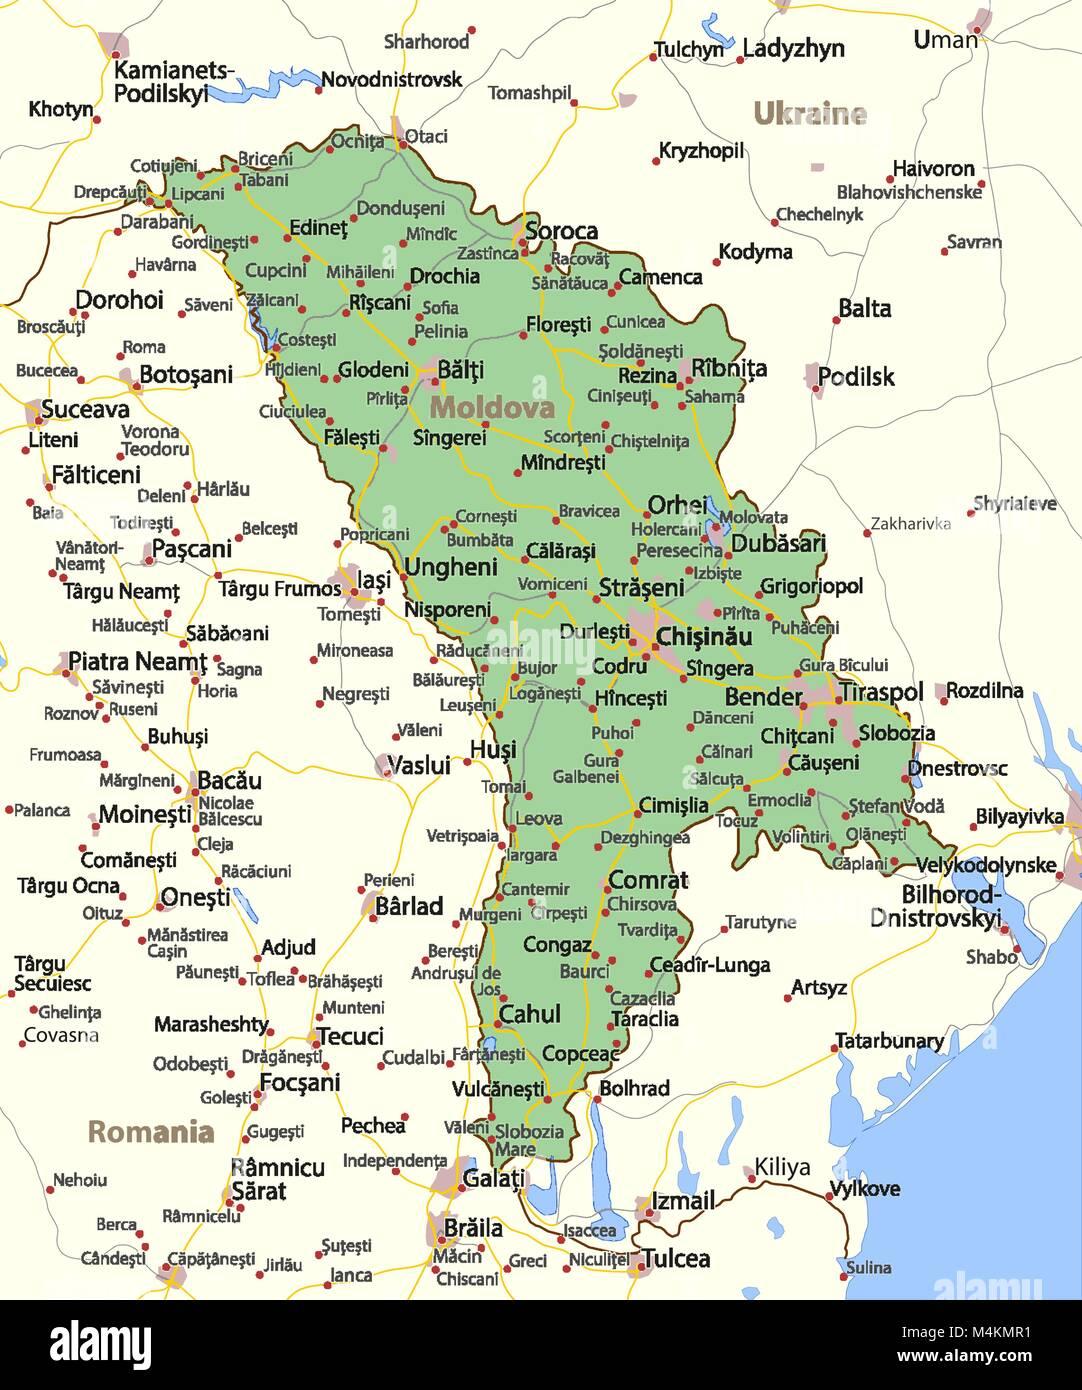 Moldawien Karte.Karte Von Moldawien Zeigt Die Ländergrenzen Städtischen Gebieten